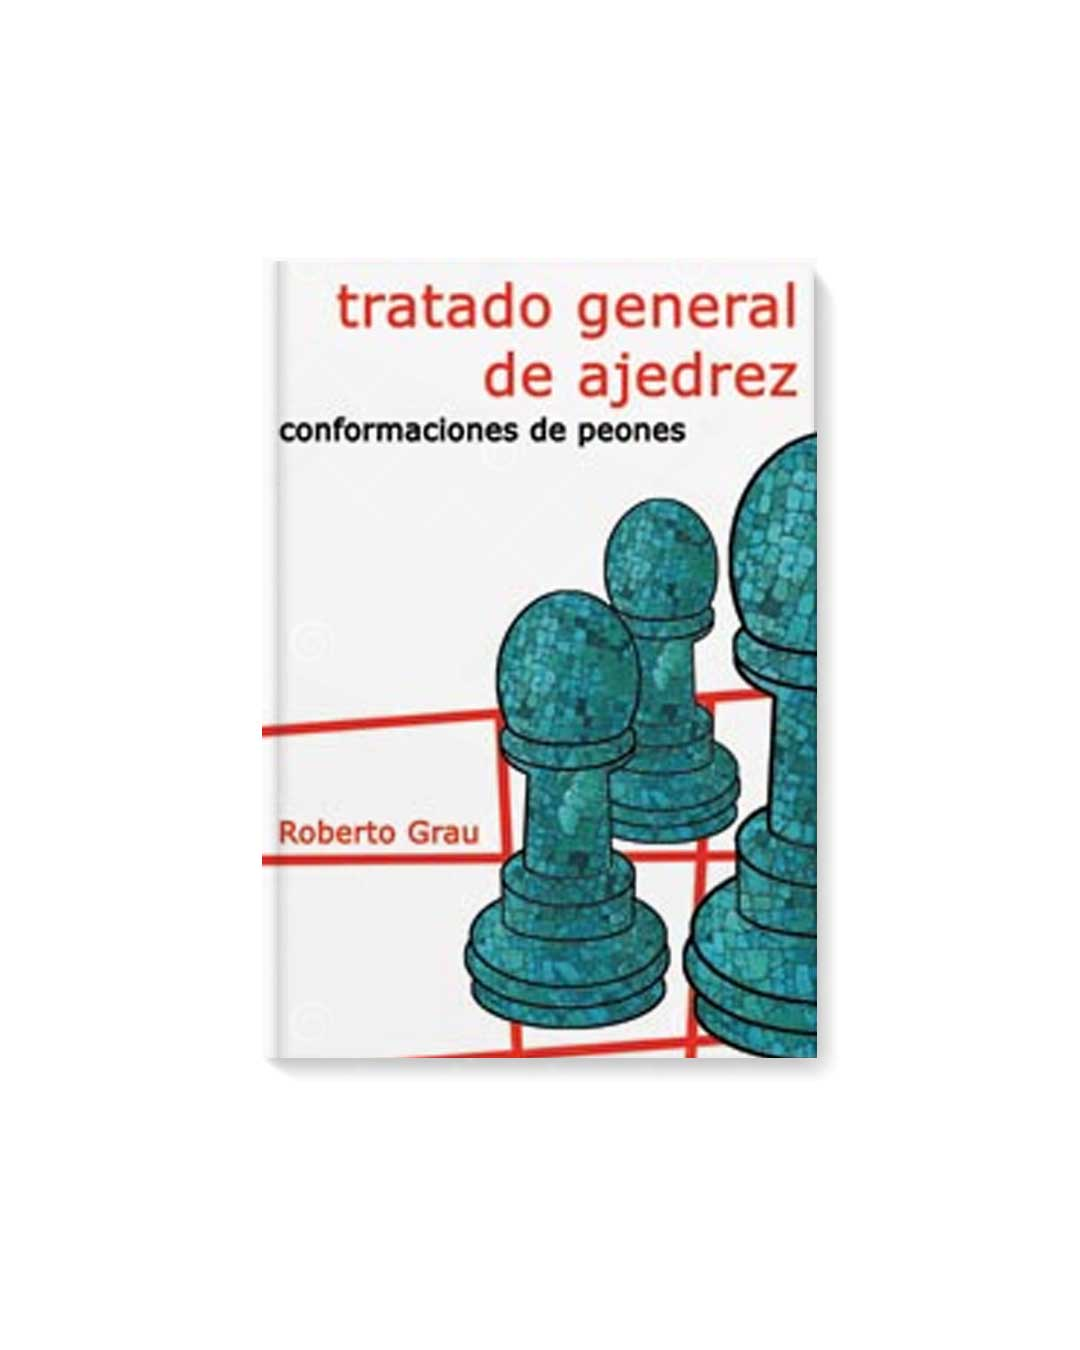 Tratado general de ajedrez - Tomo 3  - Conformación de peones (Grau)